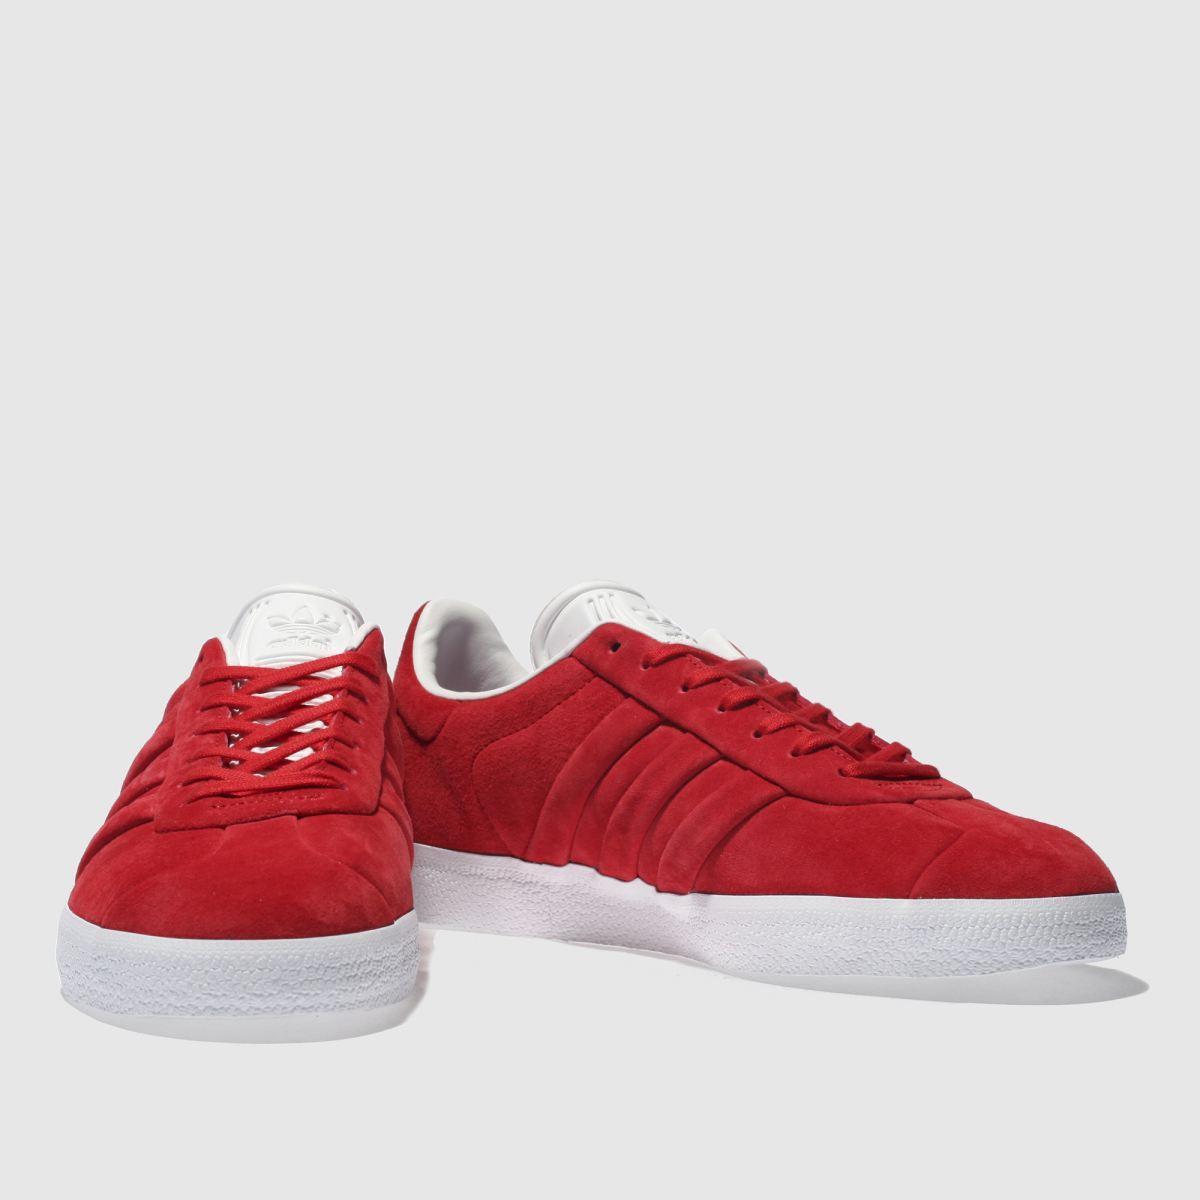 Herren Rot adidas Gazelle Stitch And Turn Sneaker | schuh Gute Qualität beliebte Schuhe